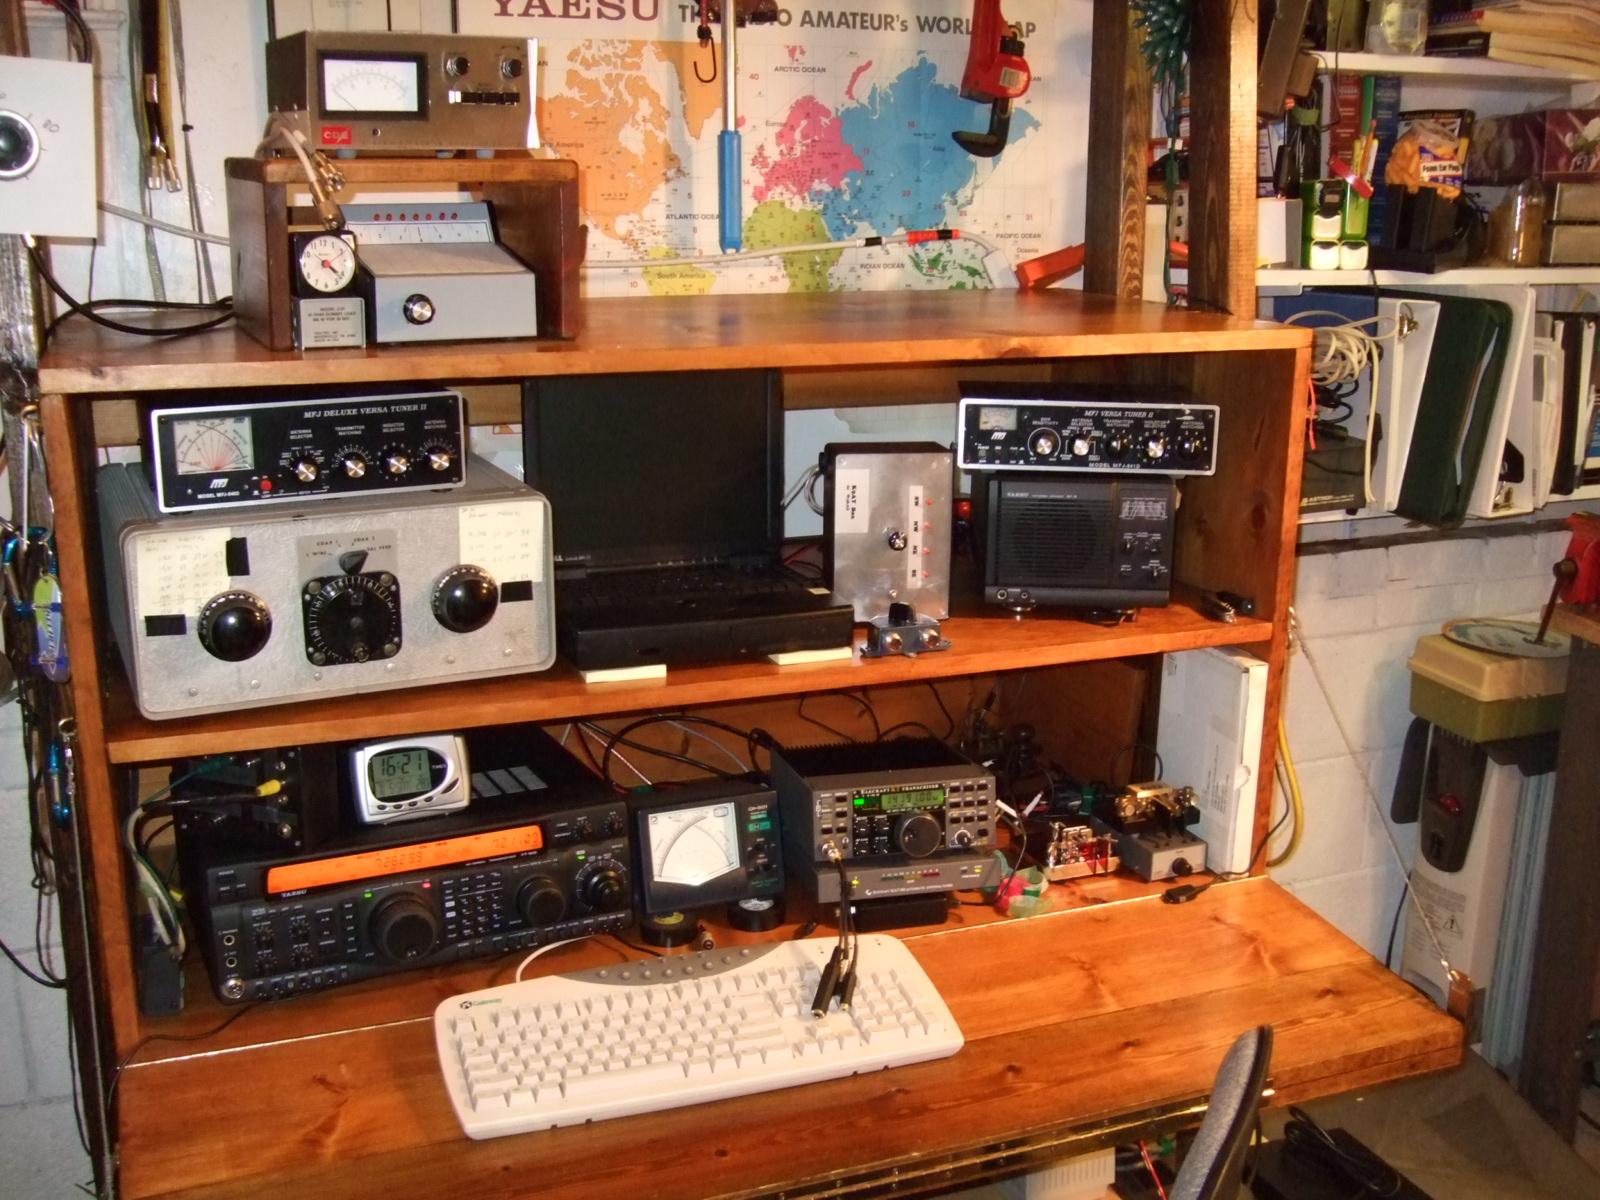 The Kazshack - Homebrew Station Cabinet  Desk